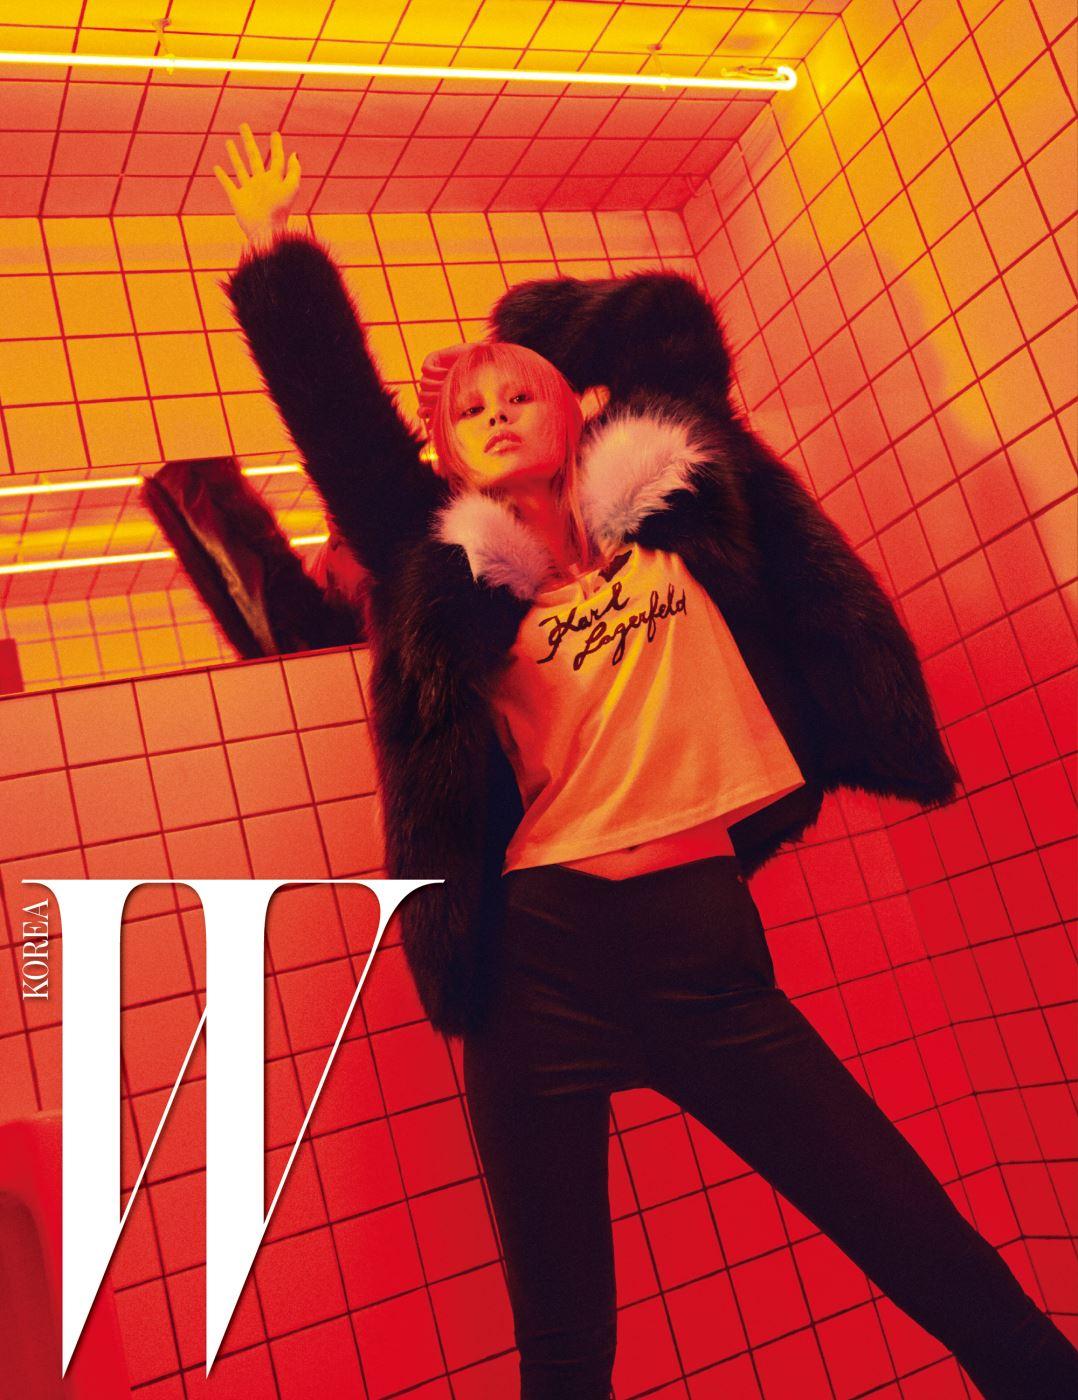 일러스트 티셔츠, 가죽 바이커 팬츠, 파스텔 블루와 검정 배색의 퍼 코트는 모두 Karl Lagerfeld 제품.